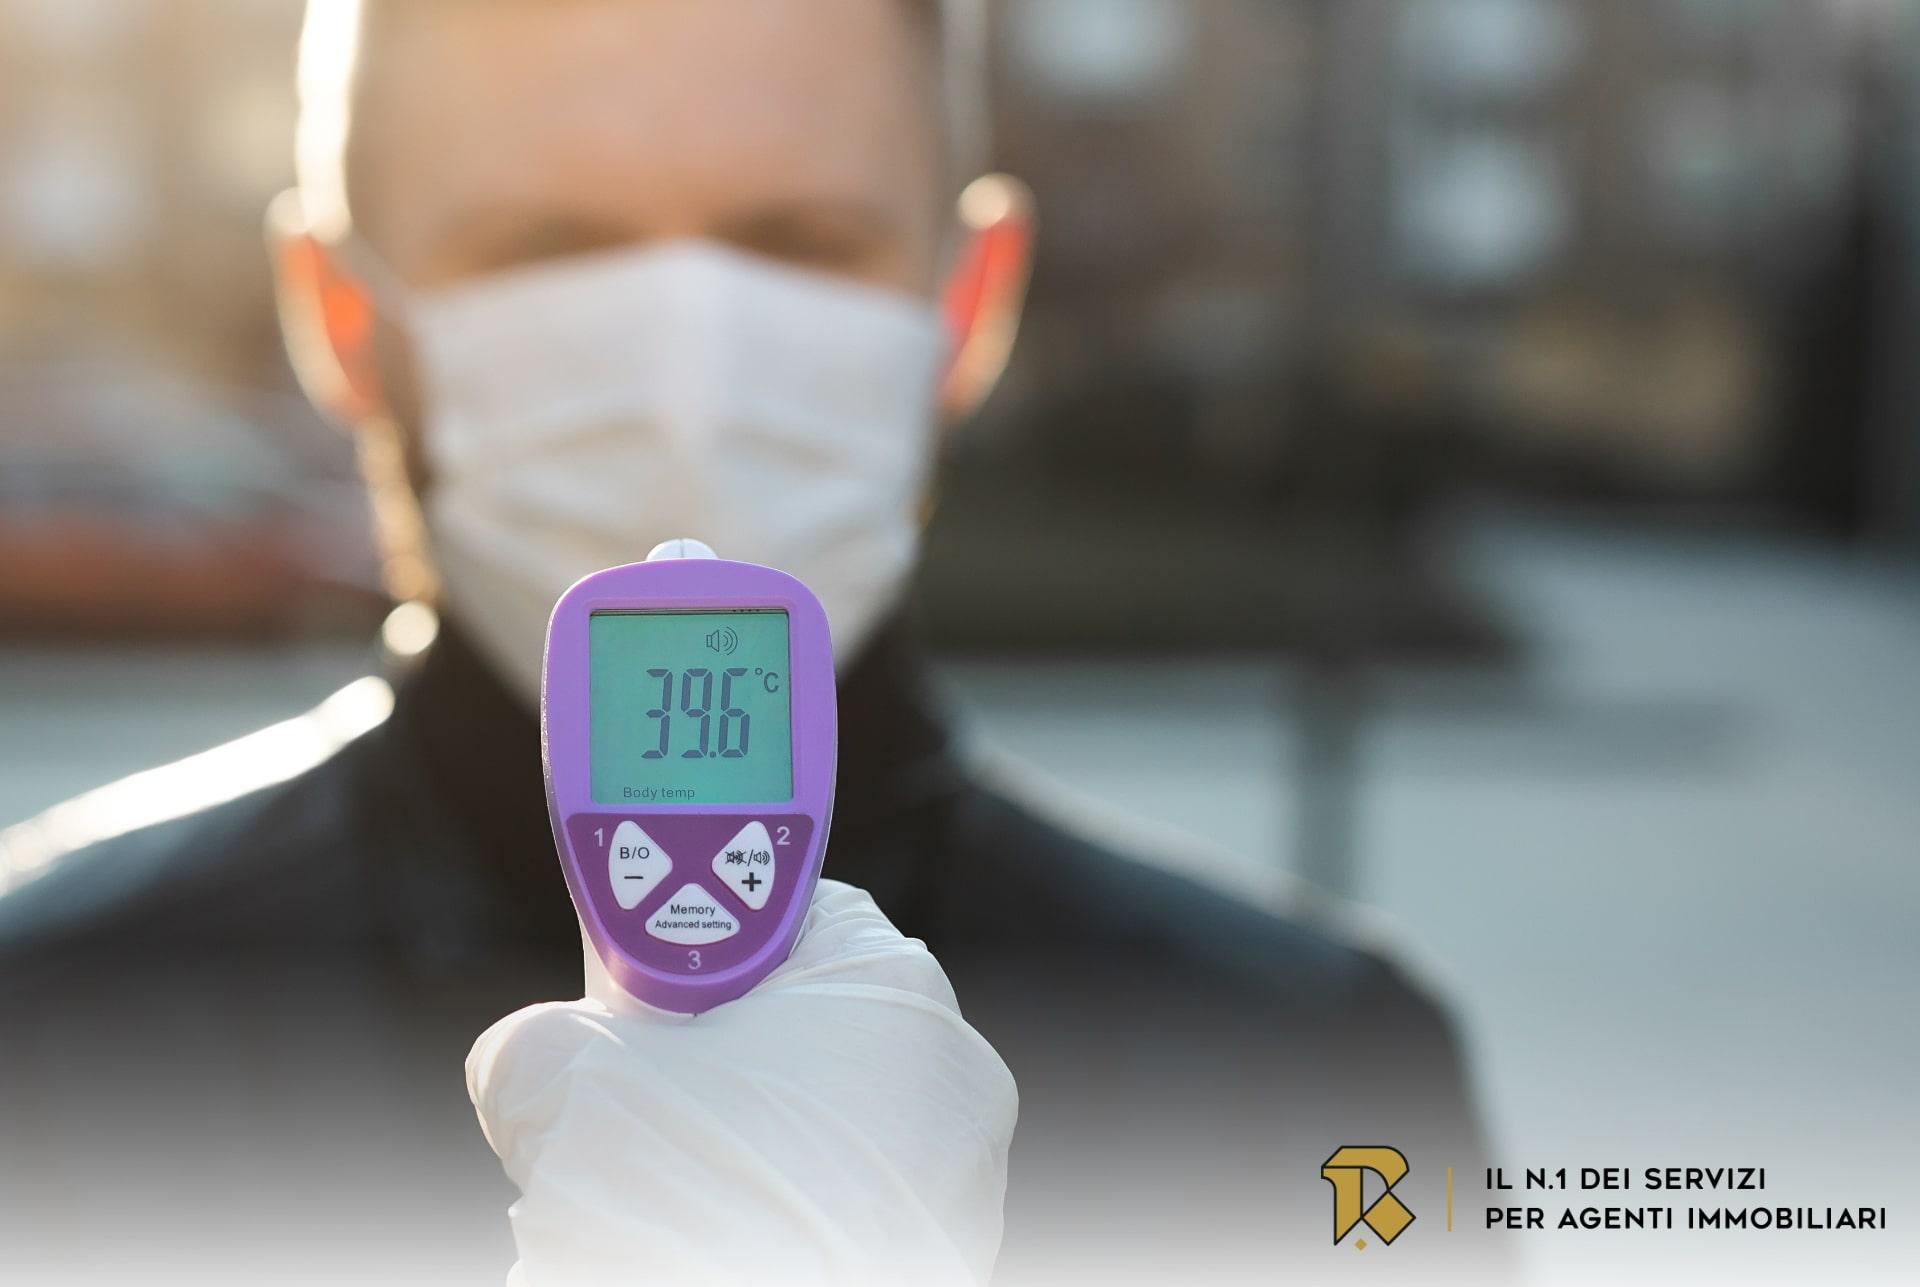 Rilevazione e registrazione temperatura corporea Agenzia Immobiliare